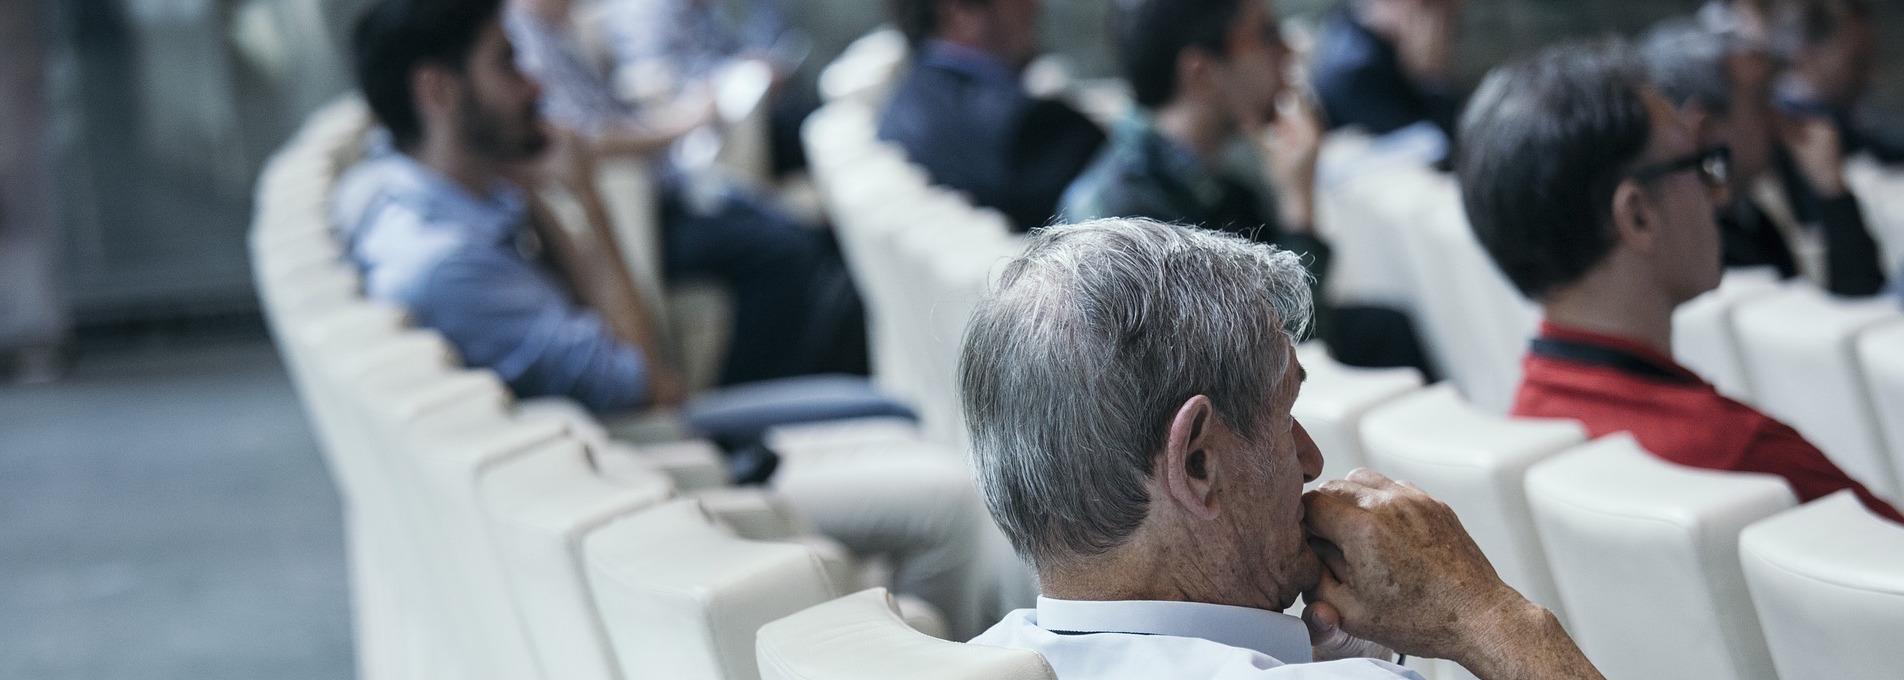 7èmes assises de la gestion de patrimoine et du conseil aux entreprises